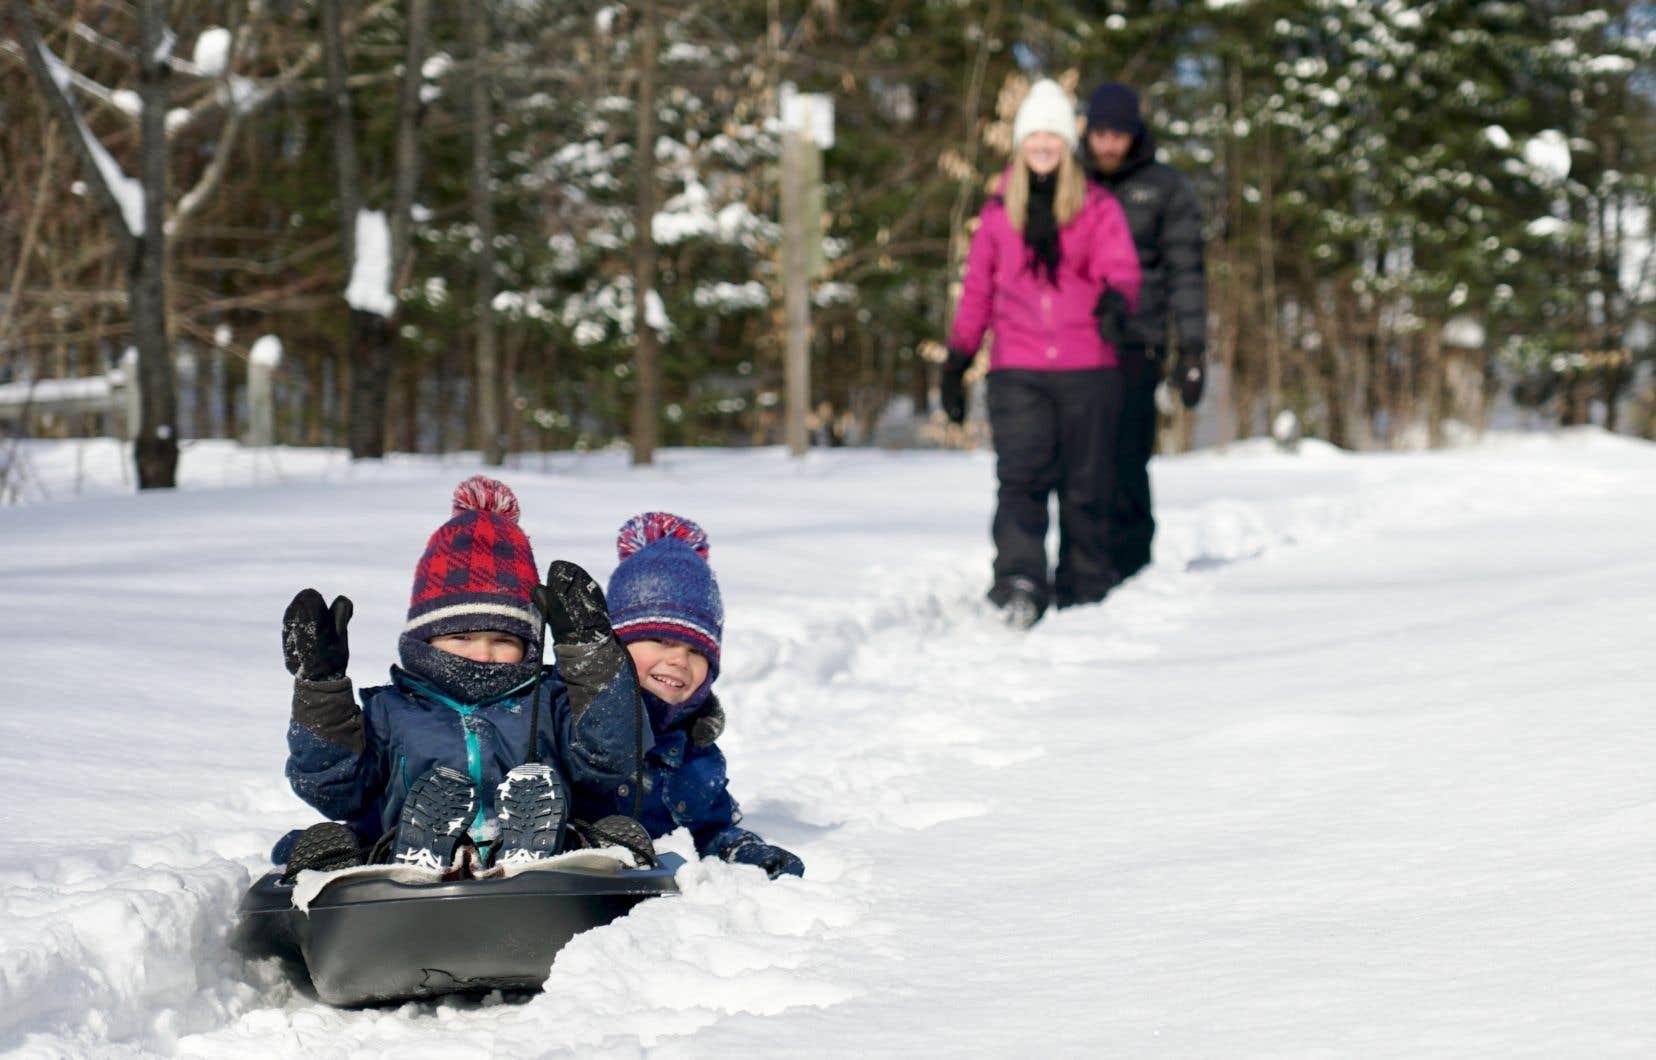 Dans le cadre d'un projet pilote, le parc de la Rivière Batiscan ouvre son secteur de Saint-Narcisse cet hiver, une bonne nouvelle pour les citoyens des environs.